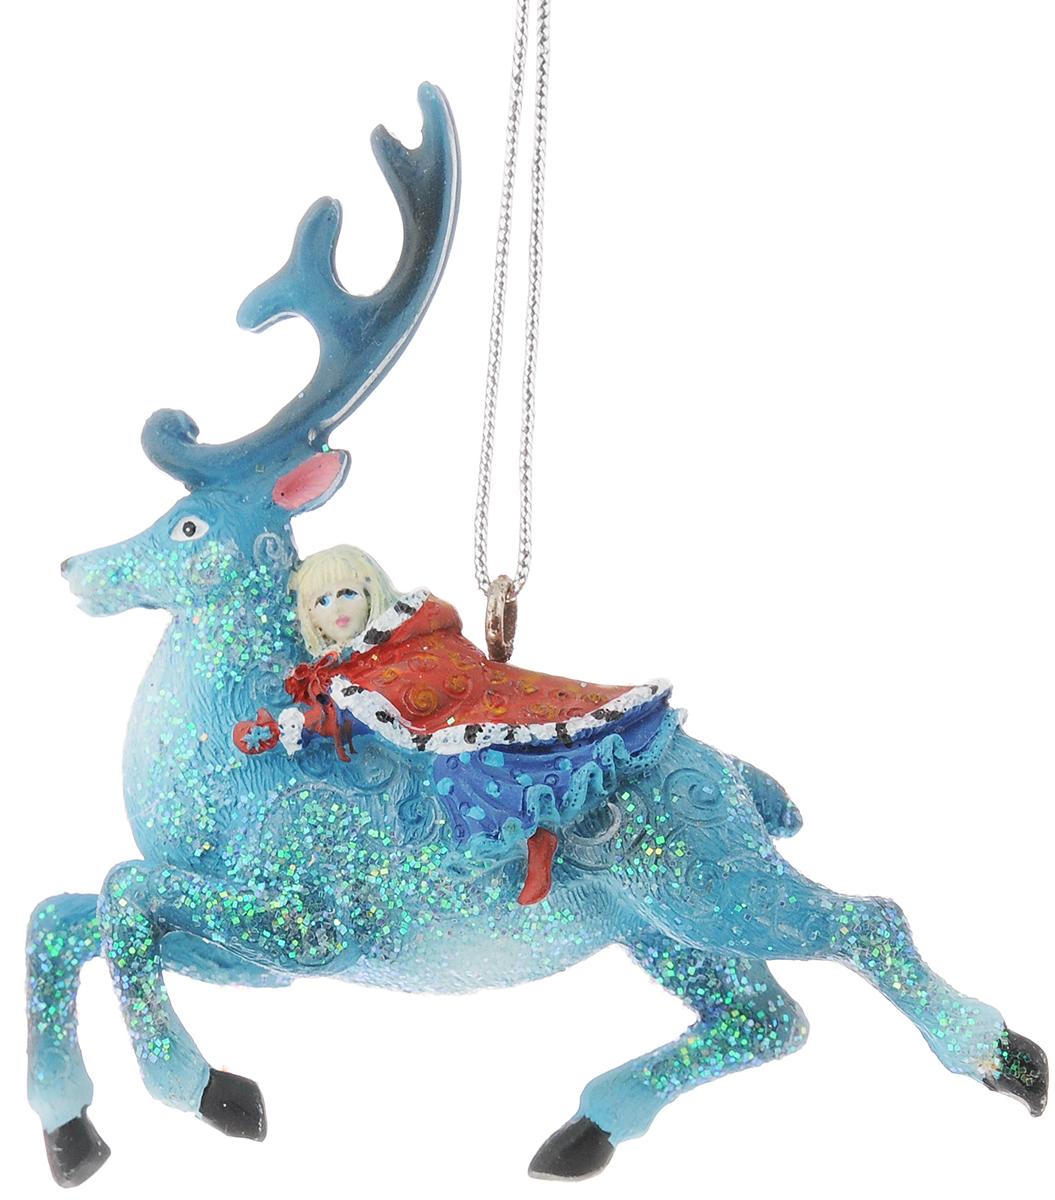 Украшение новогоднее подвесное Феникс-Презент Герда, 8,3 х 2,8 х 9,1 см42175Новогоднее украшение Феникс-презент Герда, изготовленное из высококачественногополирезина, прекрасно подойдет для праздничного декора дома иновогодней ели. С помощьюспециальной текстильной петельки его можно повесить в любомпонравившемся вам месте. Но, конечно, удачнее всего такая игрушка будет смотреться напраздничной елке.Елочная игрушка - символ Нового года. Она несет в себе волшебство и красоту праздника.Создайте в своем доме атмосферу веселья и радости, украшая новогоднюю елку наряднымиигрушками, которые будут из года в год накапливать теплоту воспоминаний.